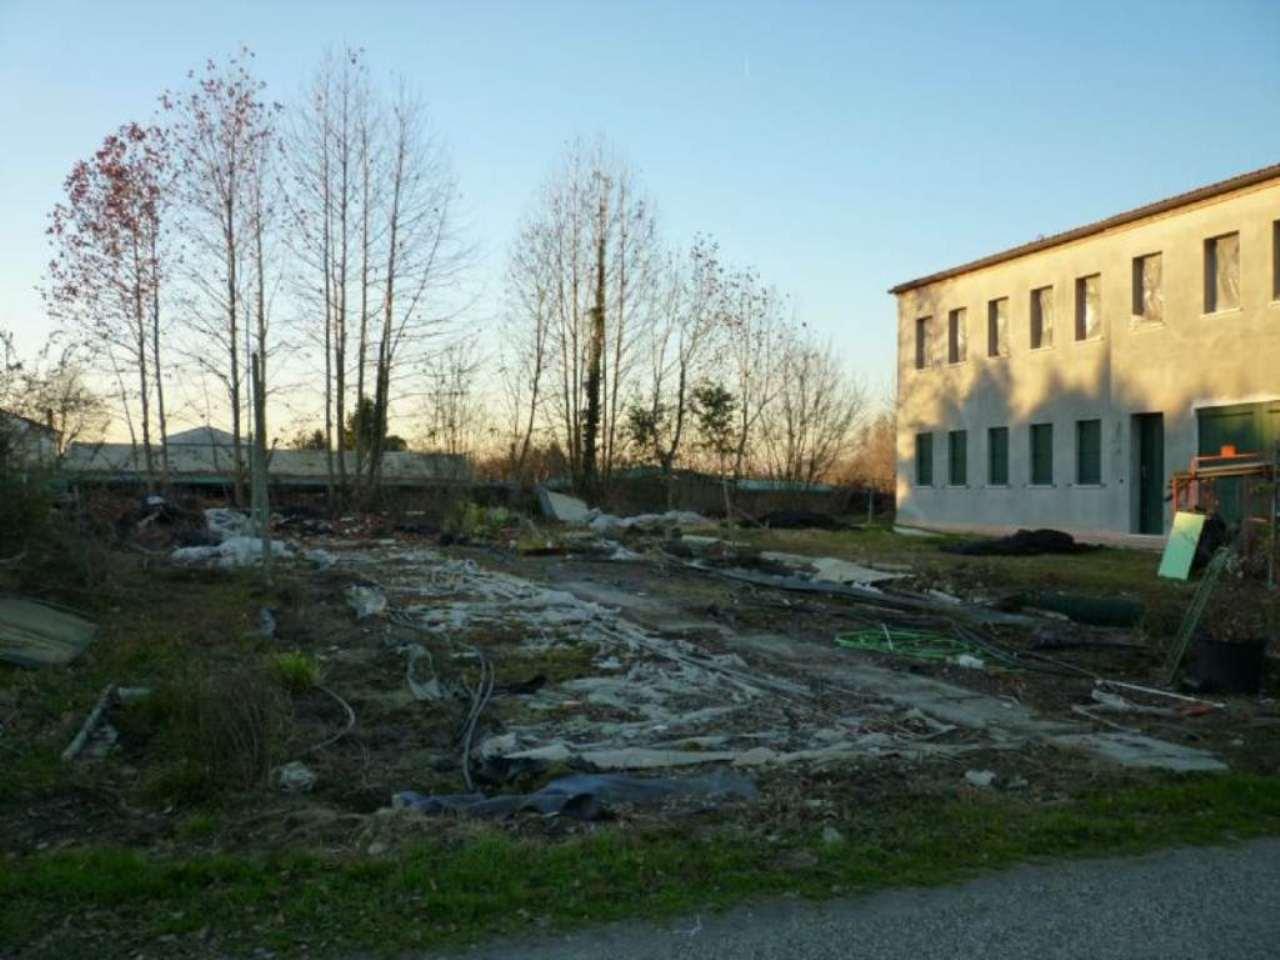 Soluzione Indipendente in vendita a Vigonza, 9999 locali, prezzo € 145.000 | Cambio Casa.it